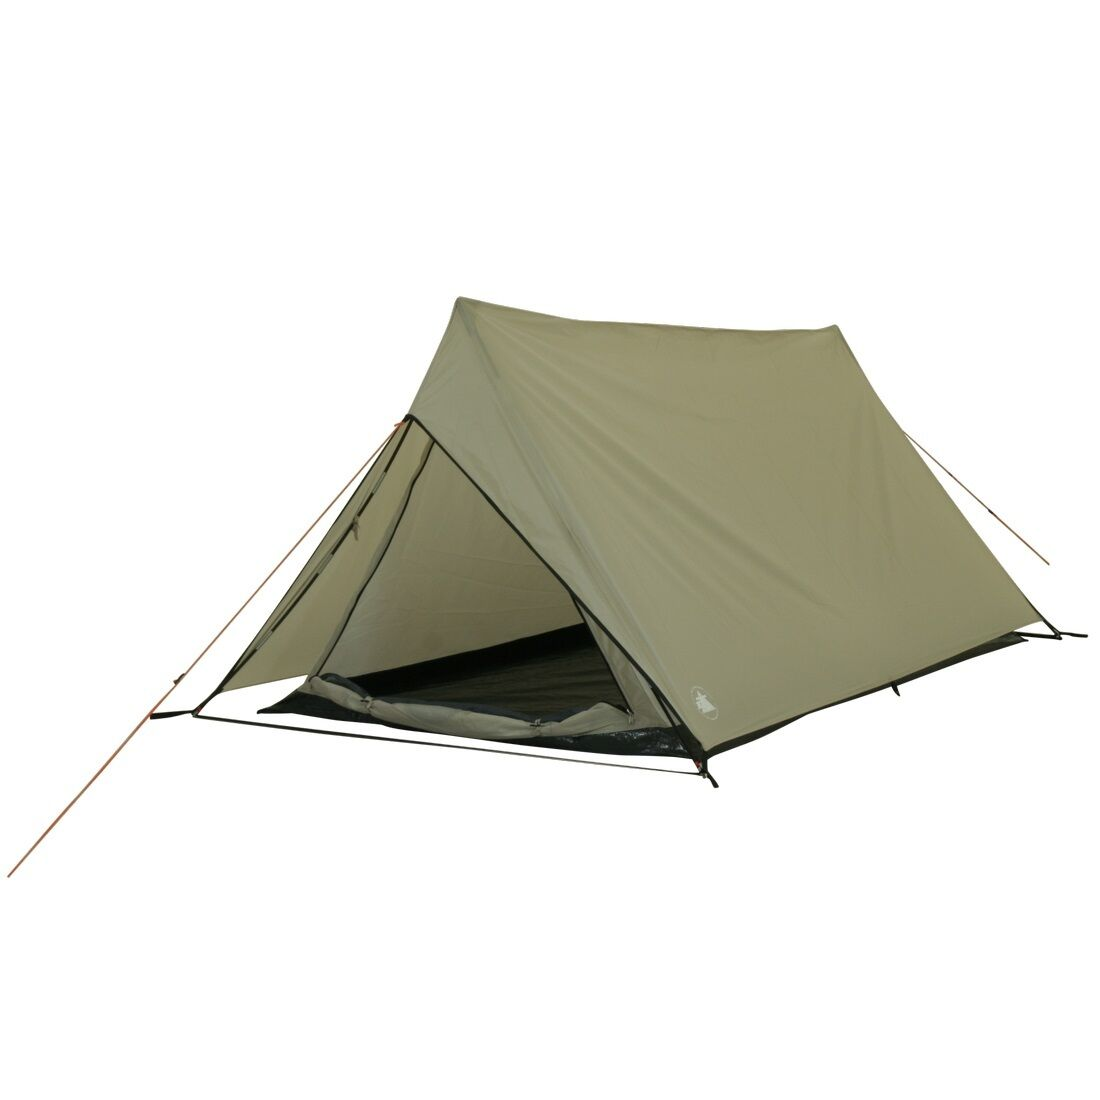 2 Personen Trekking WS=5000mm Doppeldach Zelt Poneto 220x140x110cm 2700g WS=5000mm Trekking 440e24